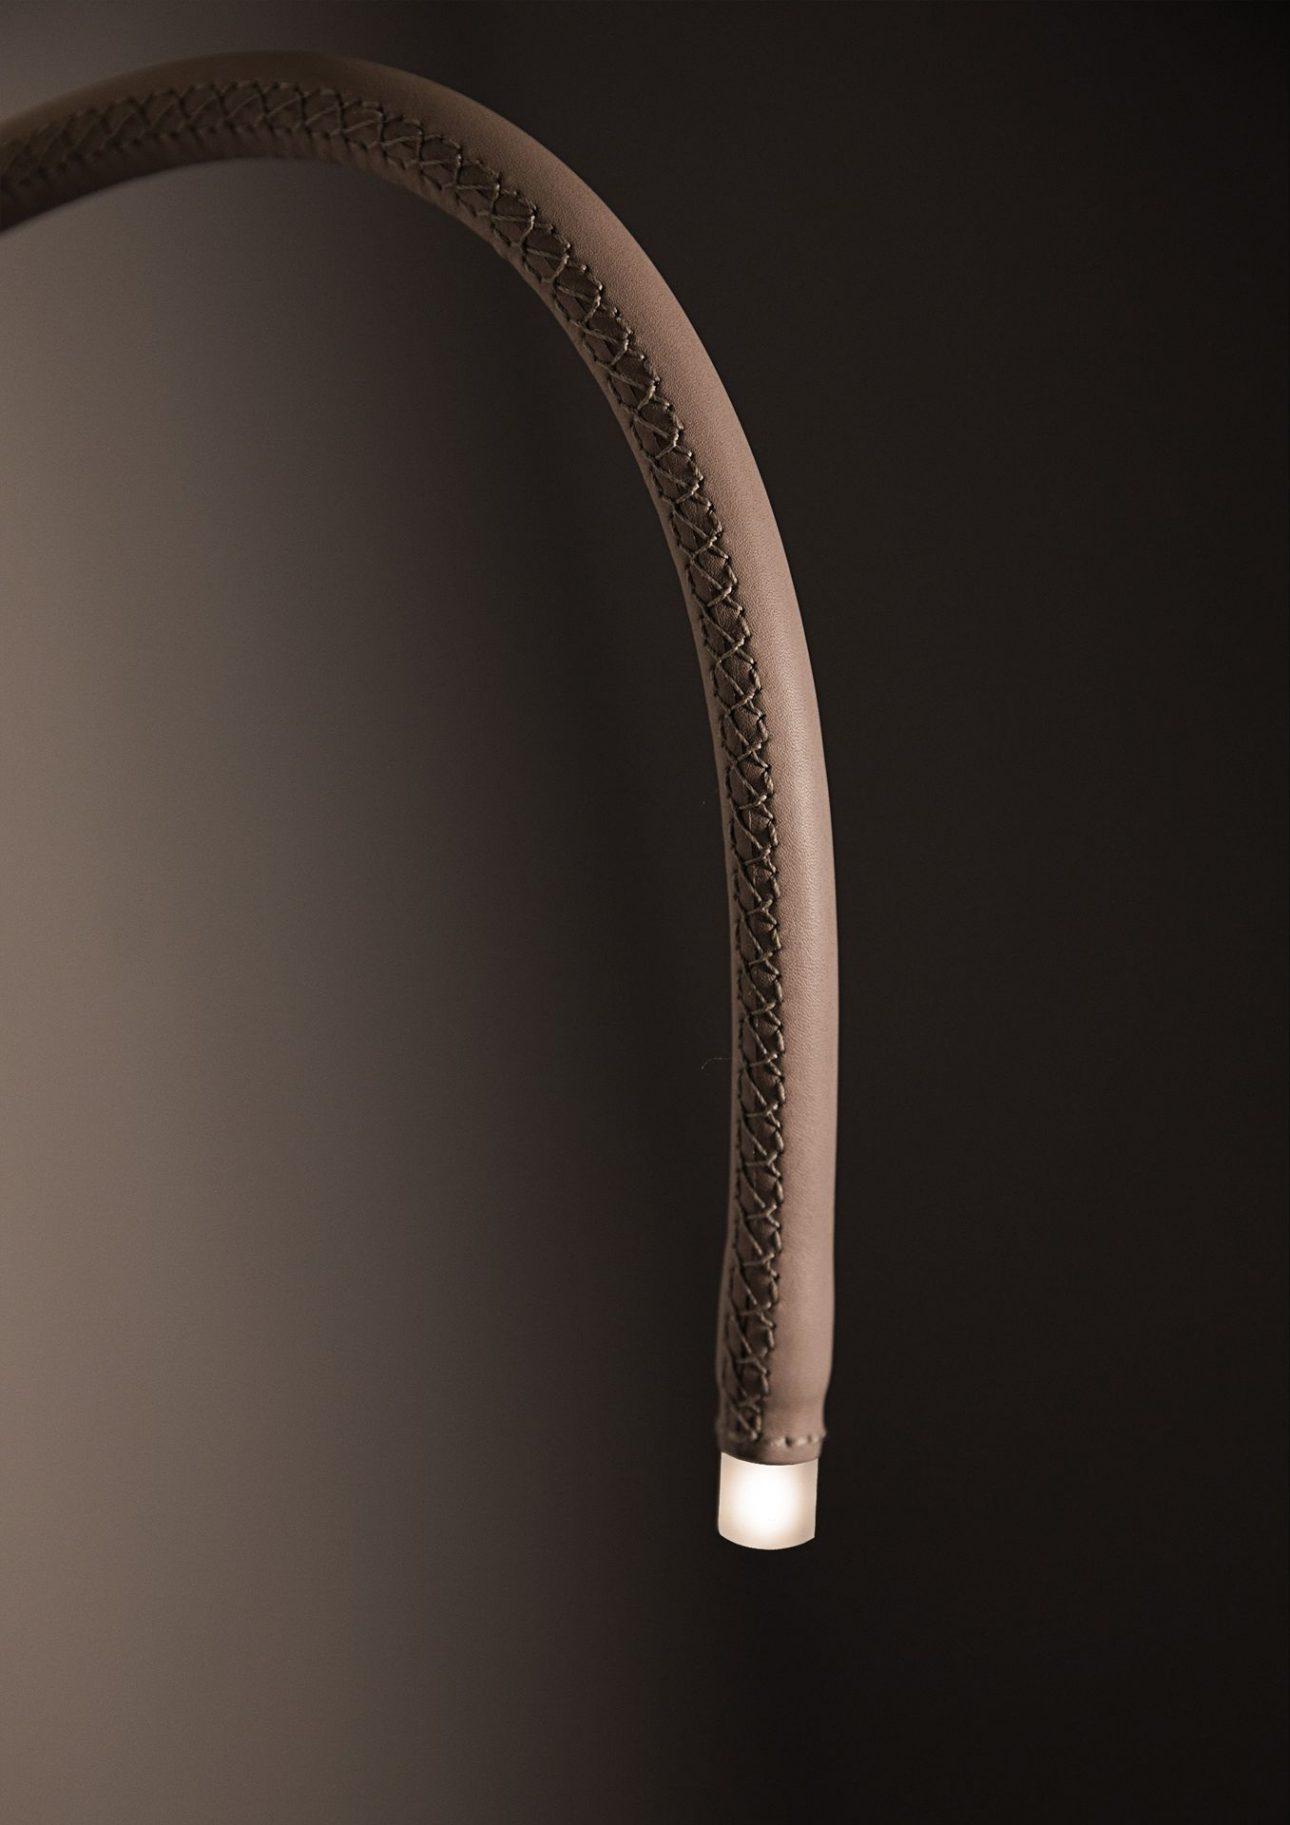 Leselampe Leath von MLE. Entwurf von JOI-Design